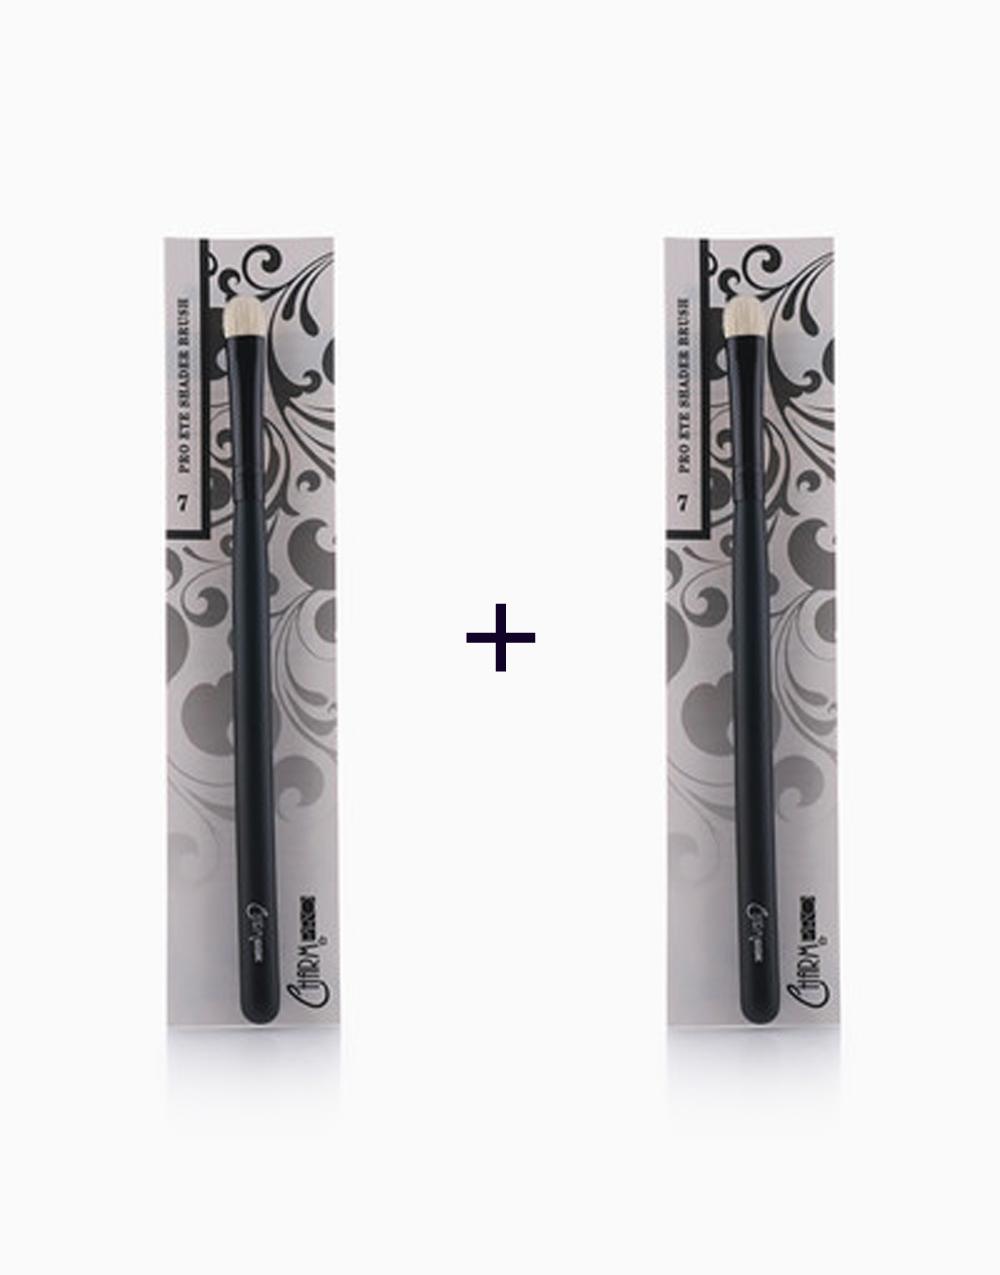 PRO #7 Eye Shader Brush (Buy 1, Take 1) by Charm